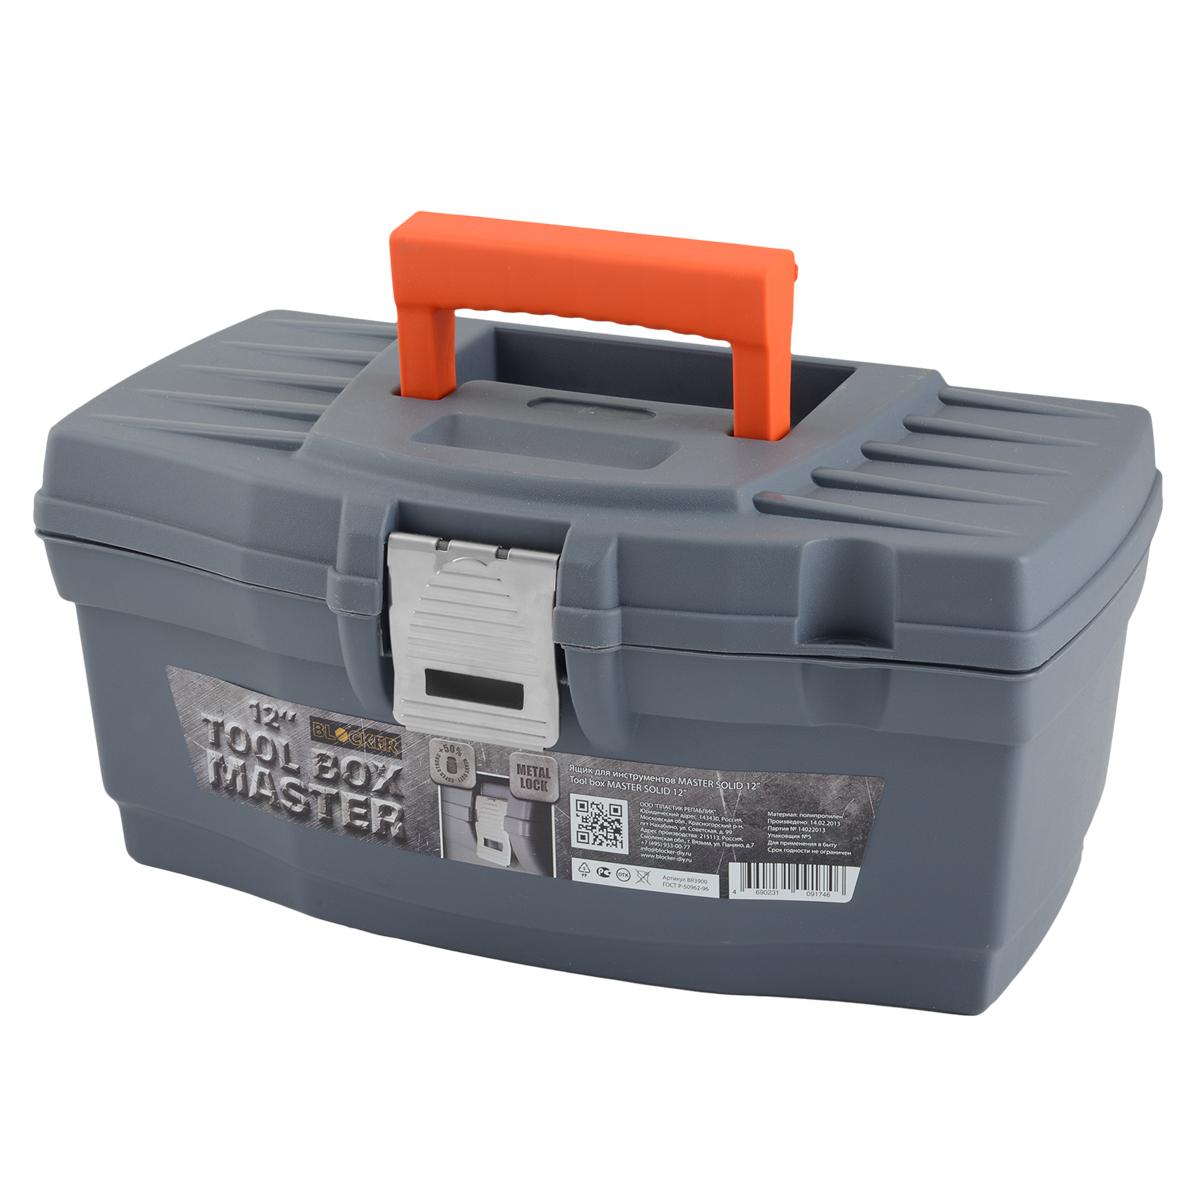 Ящик для инструментов Blocker Master Solid, цвет: серый, 320 х 185 х 152 мм98298130Стильный ящик Blocker Master Solid предназначен для хранения и переноски инструментов. Ящик оснащен стальным замком уникальной конструкции. Небольшой, универсальный, удобный, надежный.